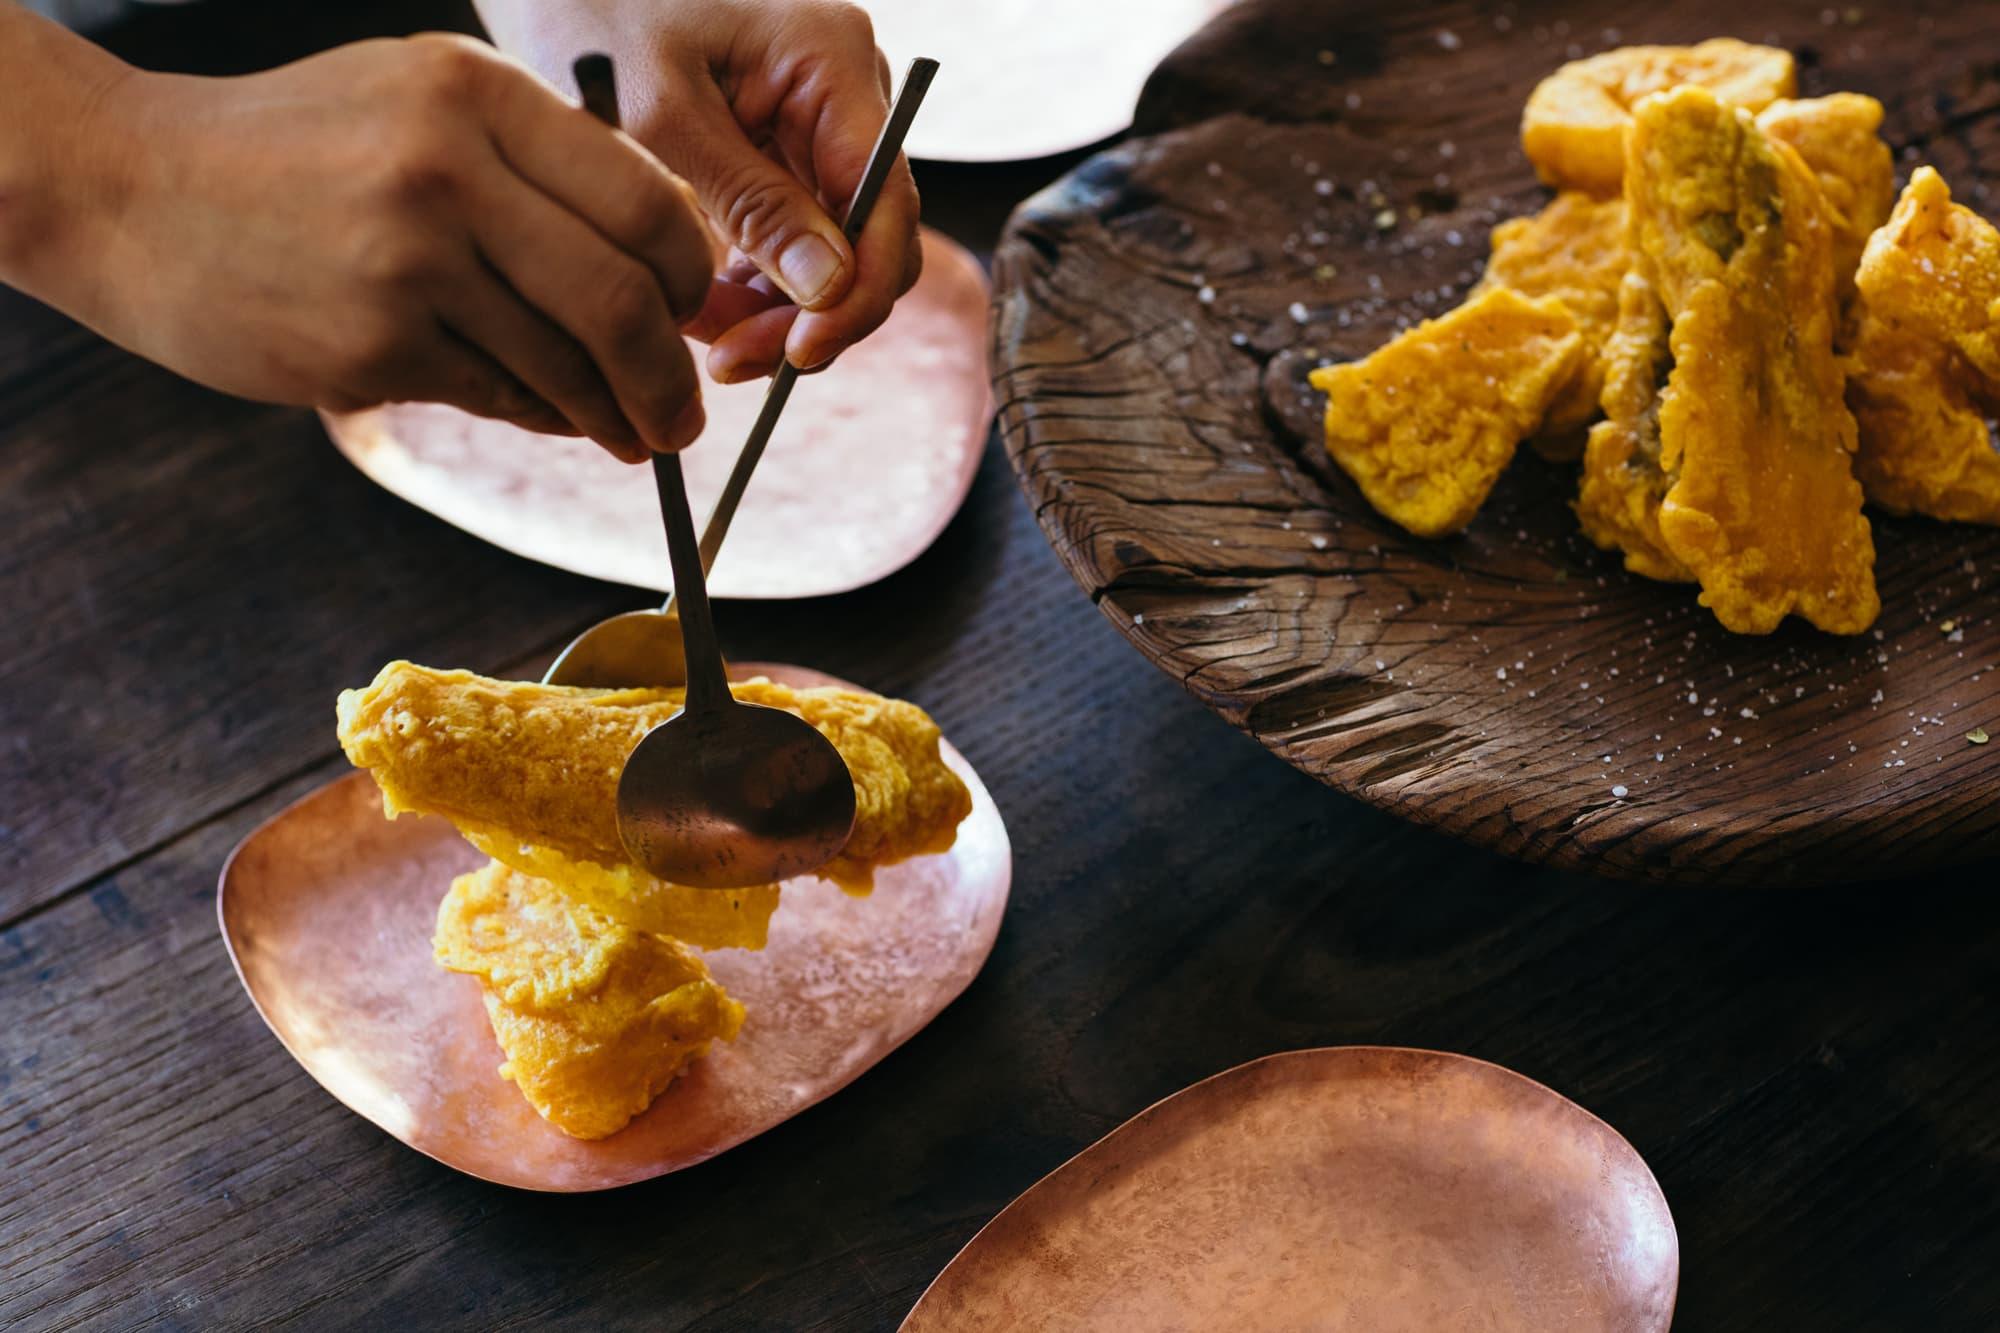 からし蓮根の衣を活用した、南国サーモンとパプリカの黄金揚げ